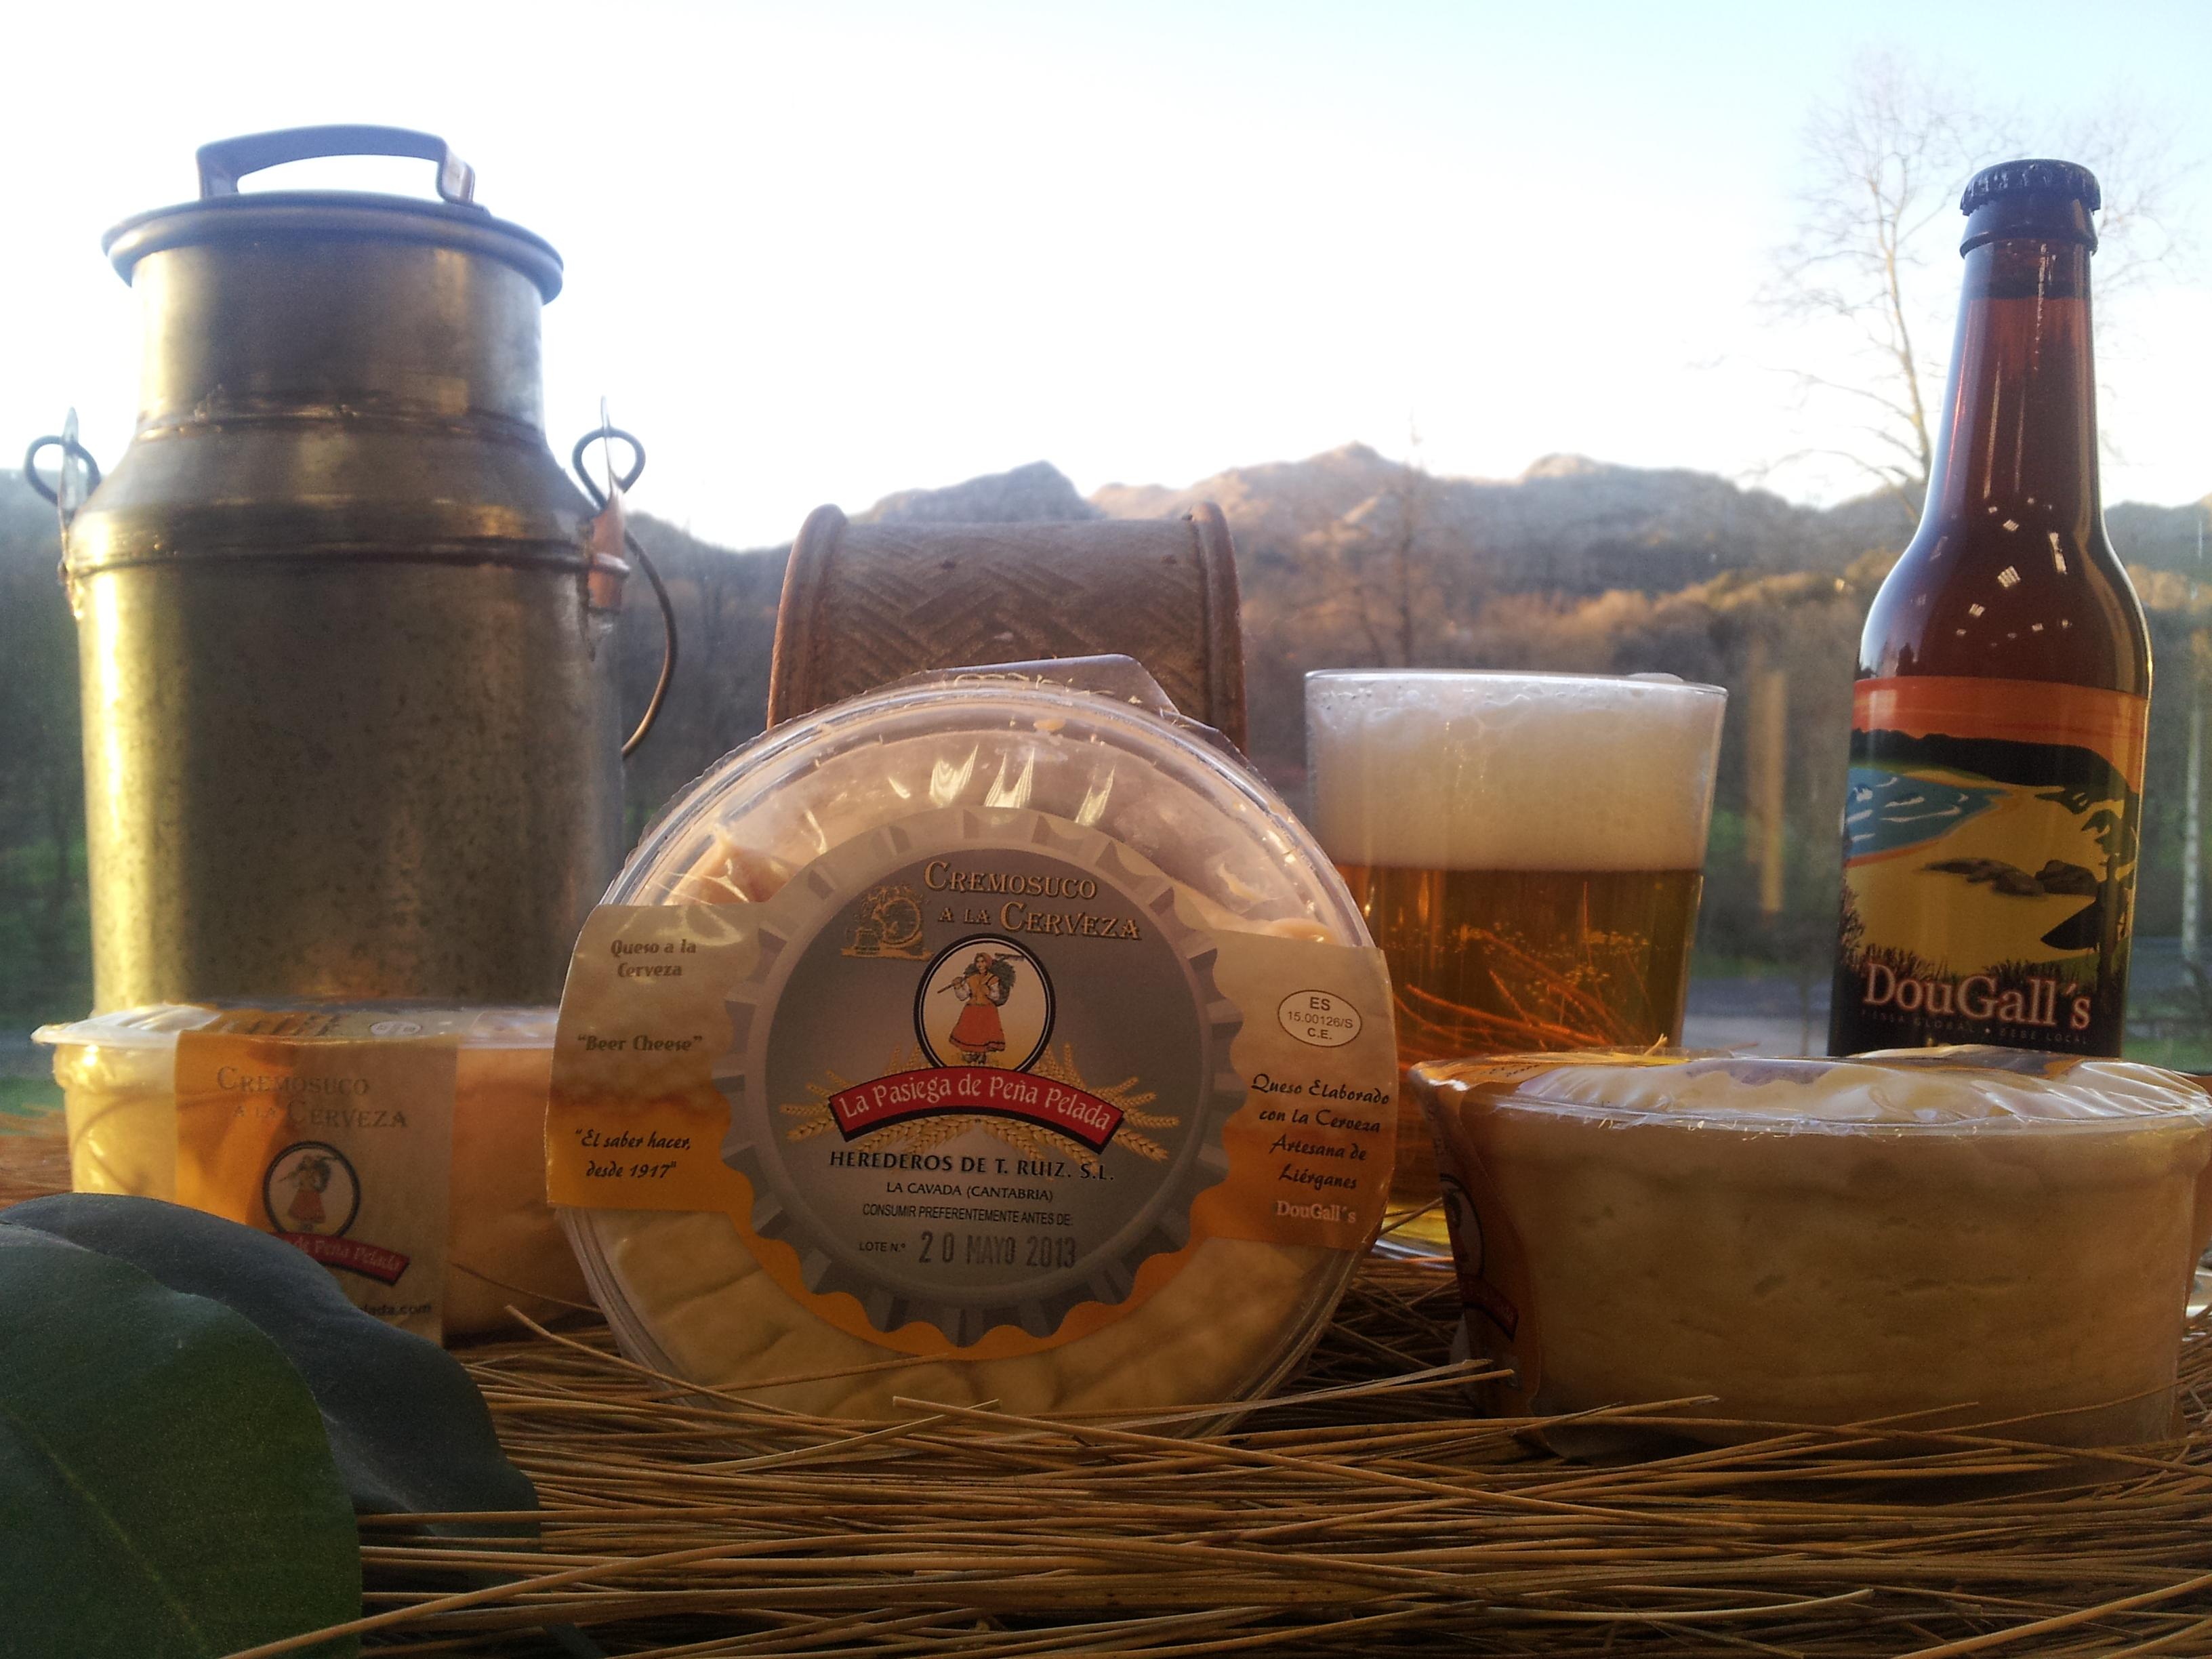 Cremosuco a la cerveza, queso y cerveza de Cantabria.